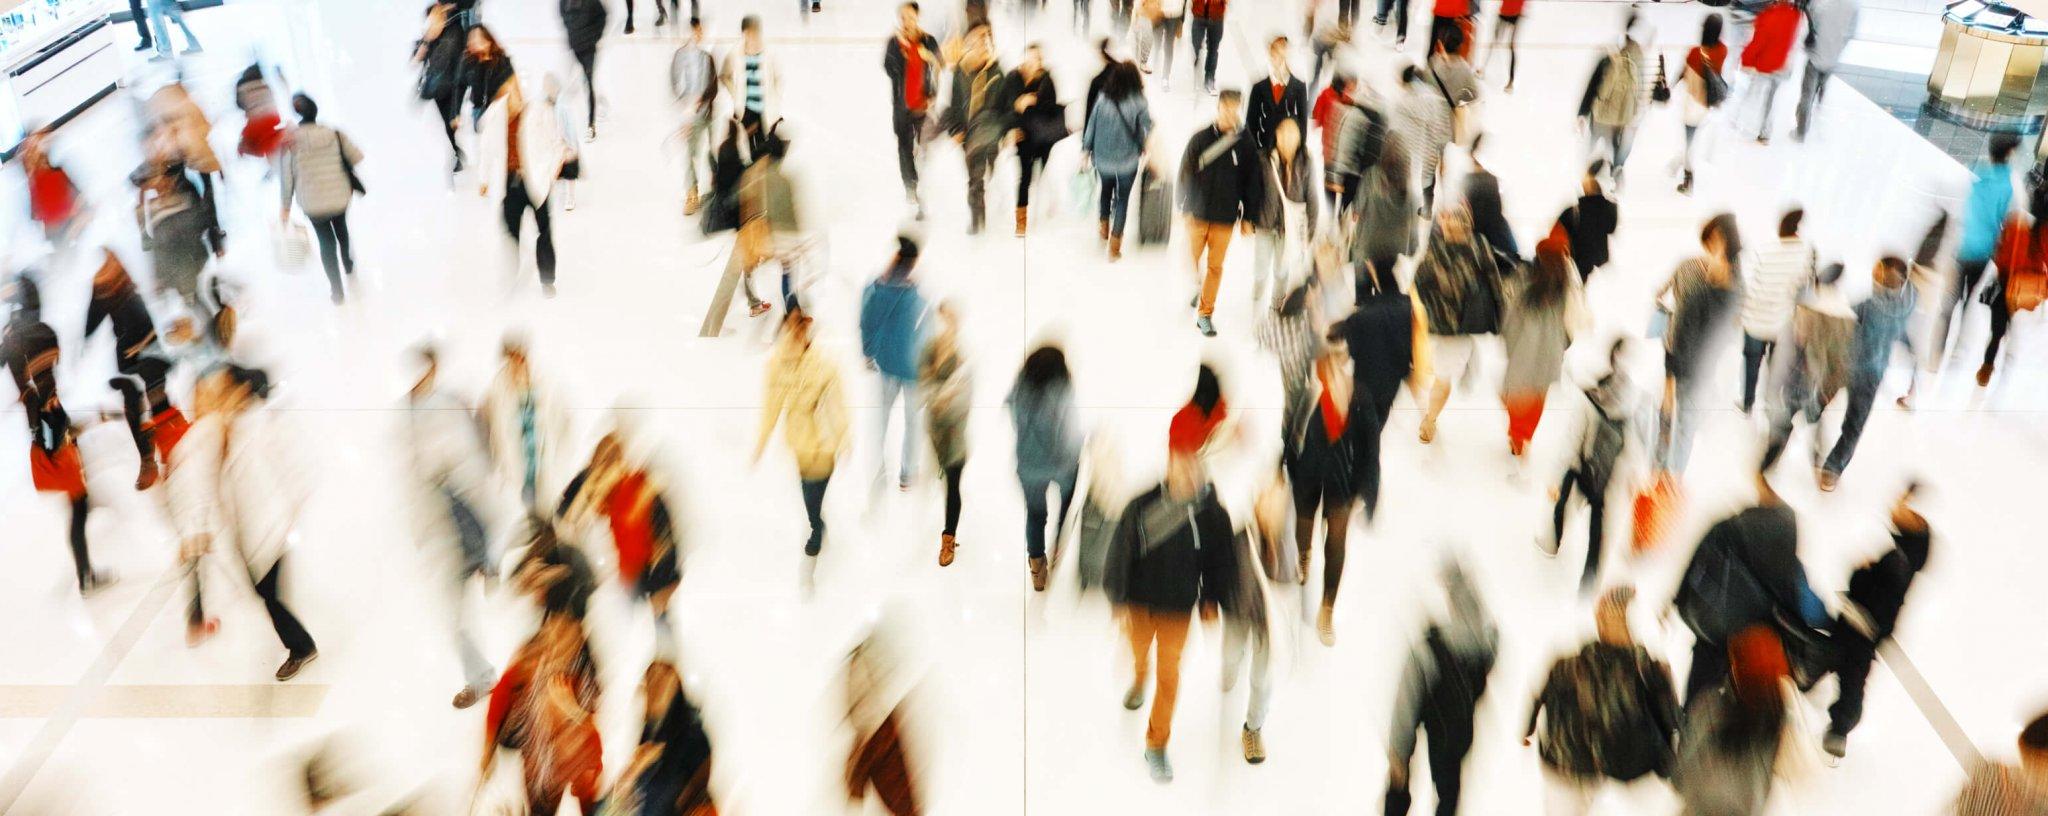 Marketing ist Beziehungsarbeit – Gute Kundenbeziehungen durch gute Inhalte